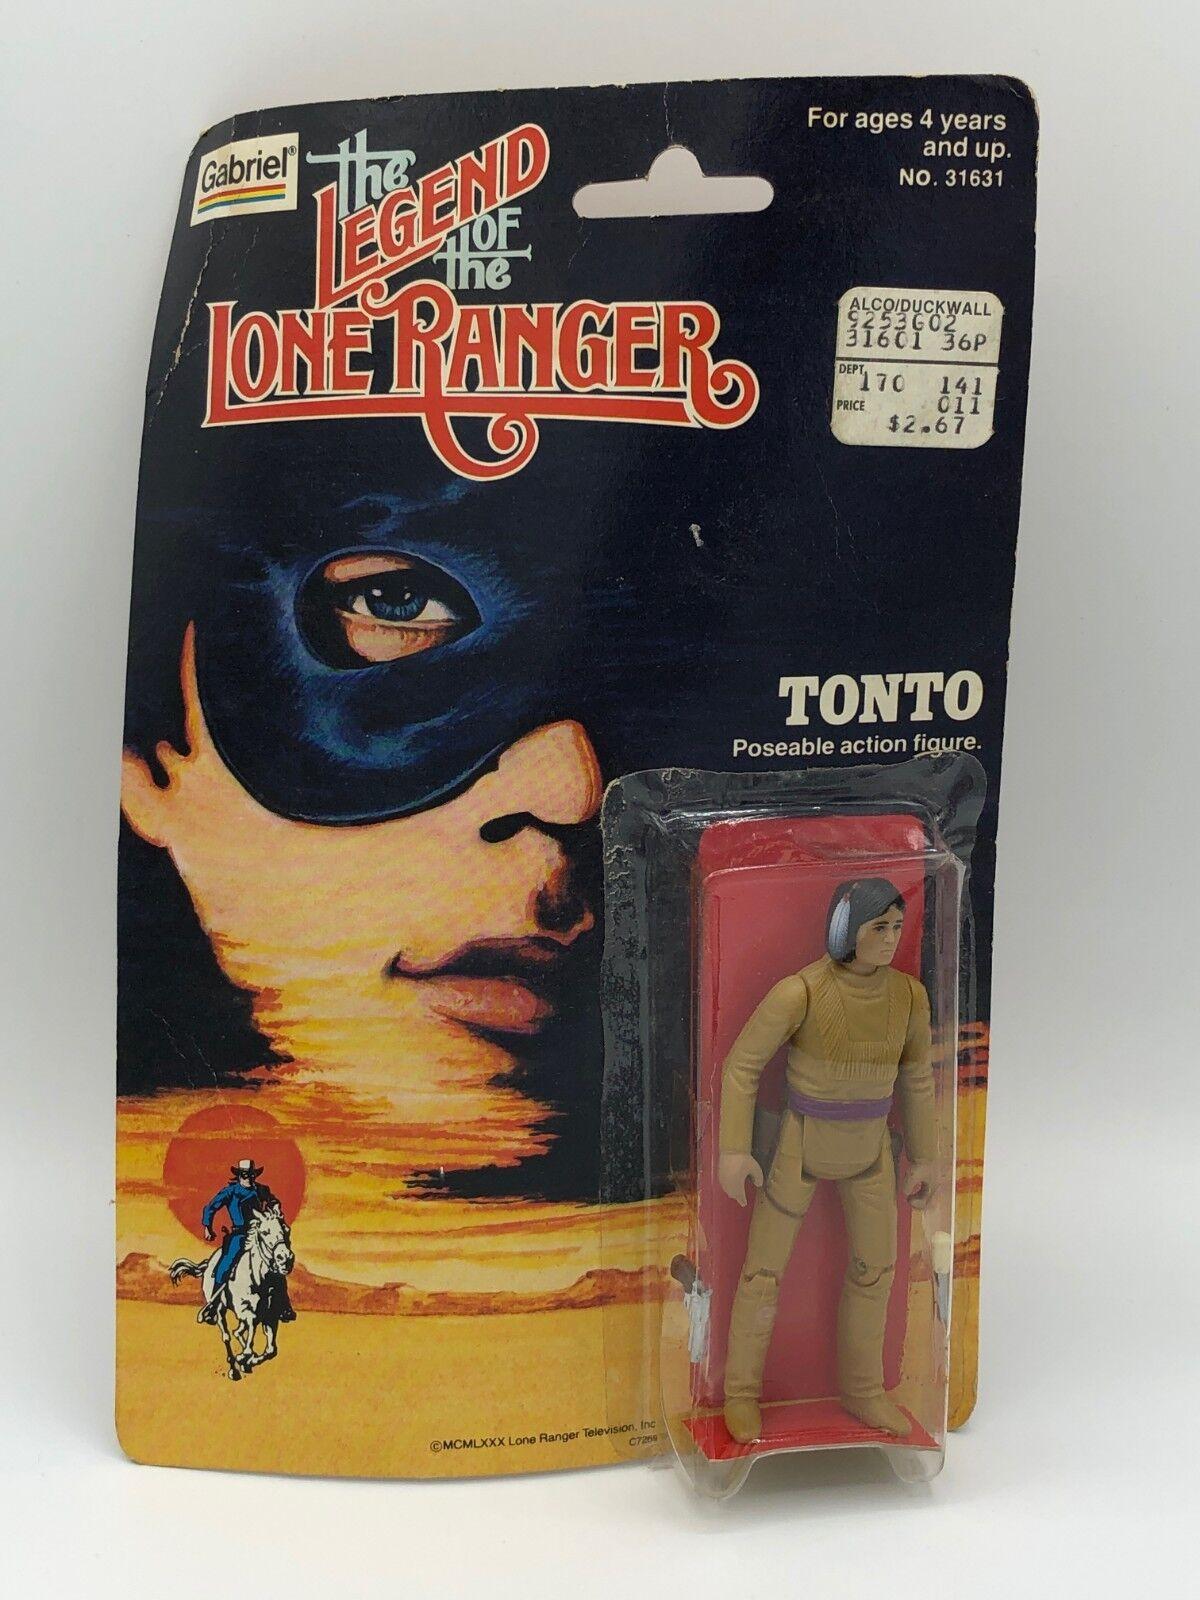 1980 gabriel die legende der lone ranger tonto actionfigur neu auf der karte)